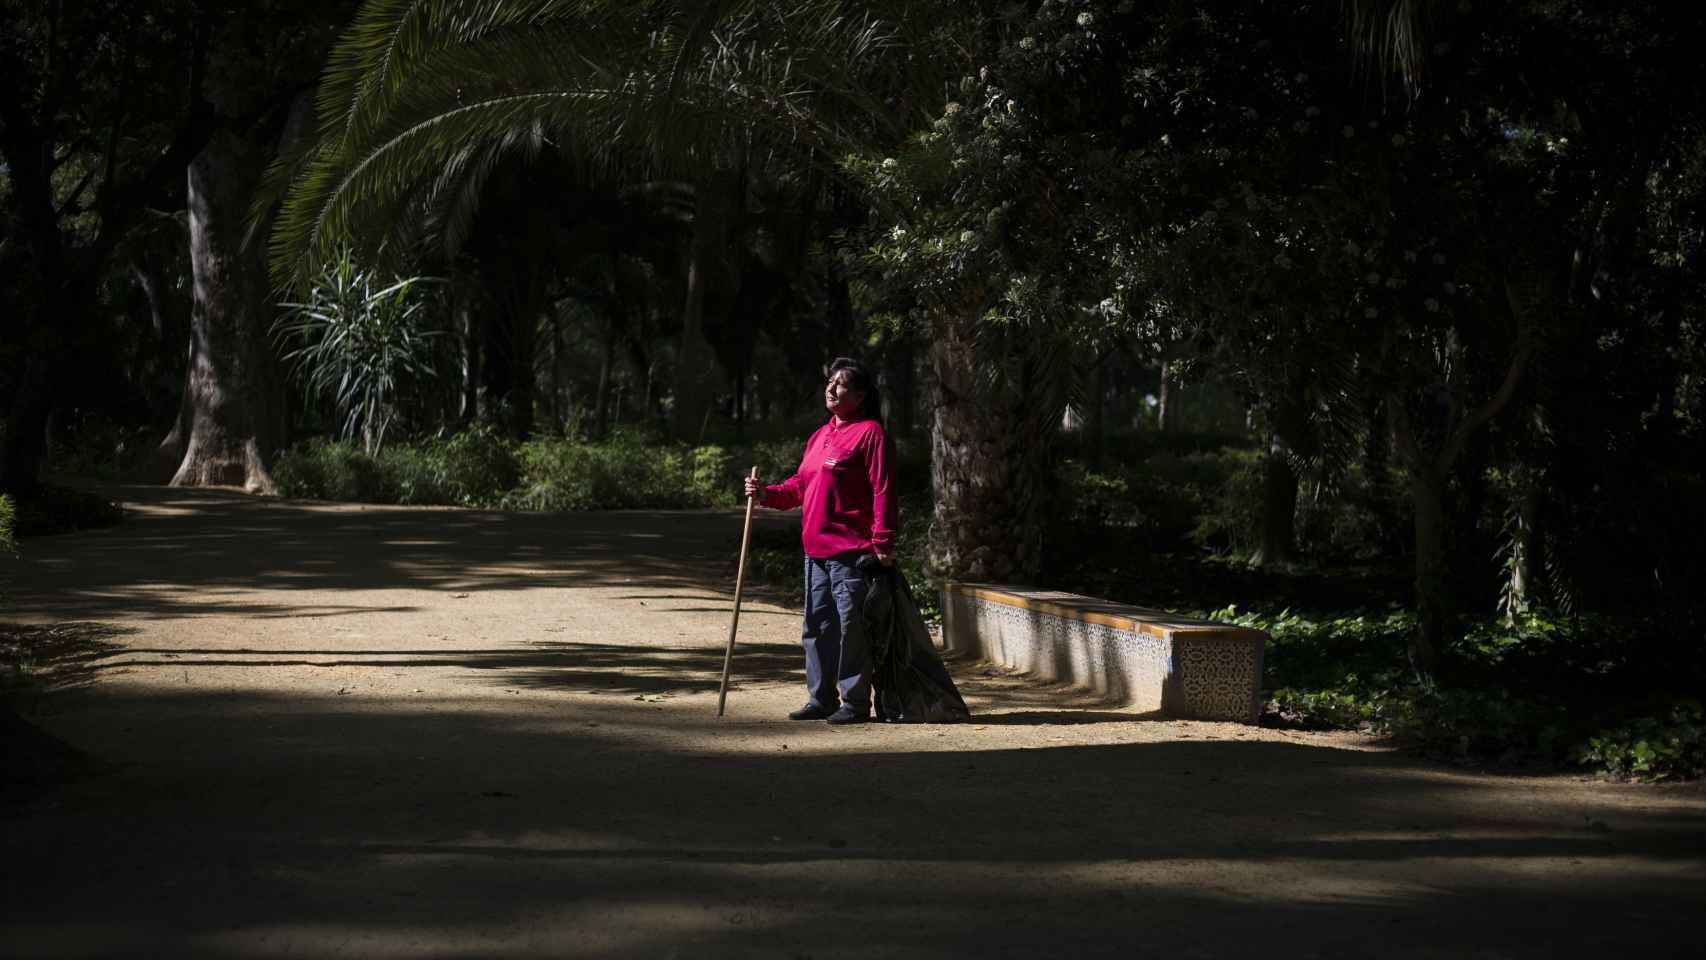 Carmen recoge basura en el parque en el que se cometió el crimen